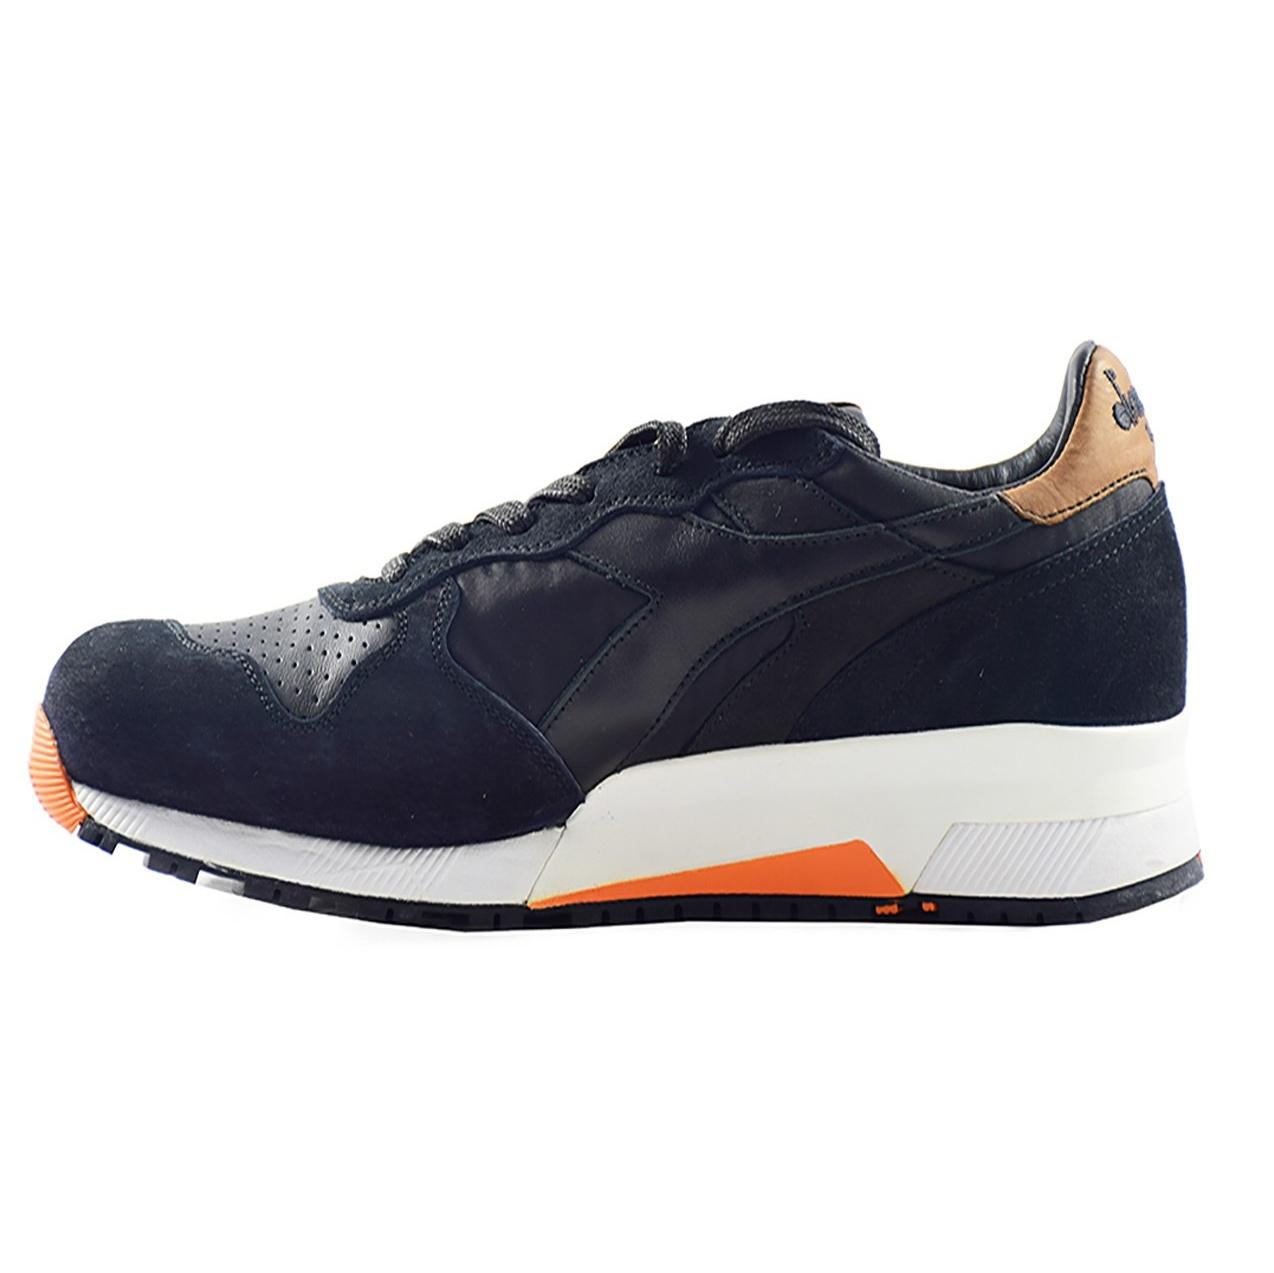 کفش چرم ایتالیایی مردانه مردانه دیادورا مدل 80013             , خرید اینترنتی